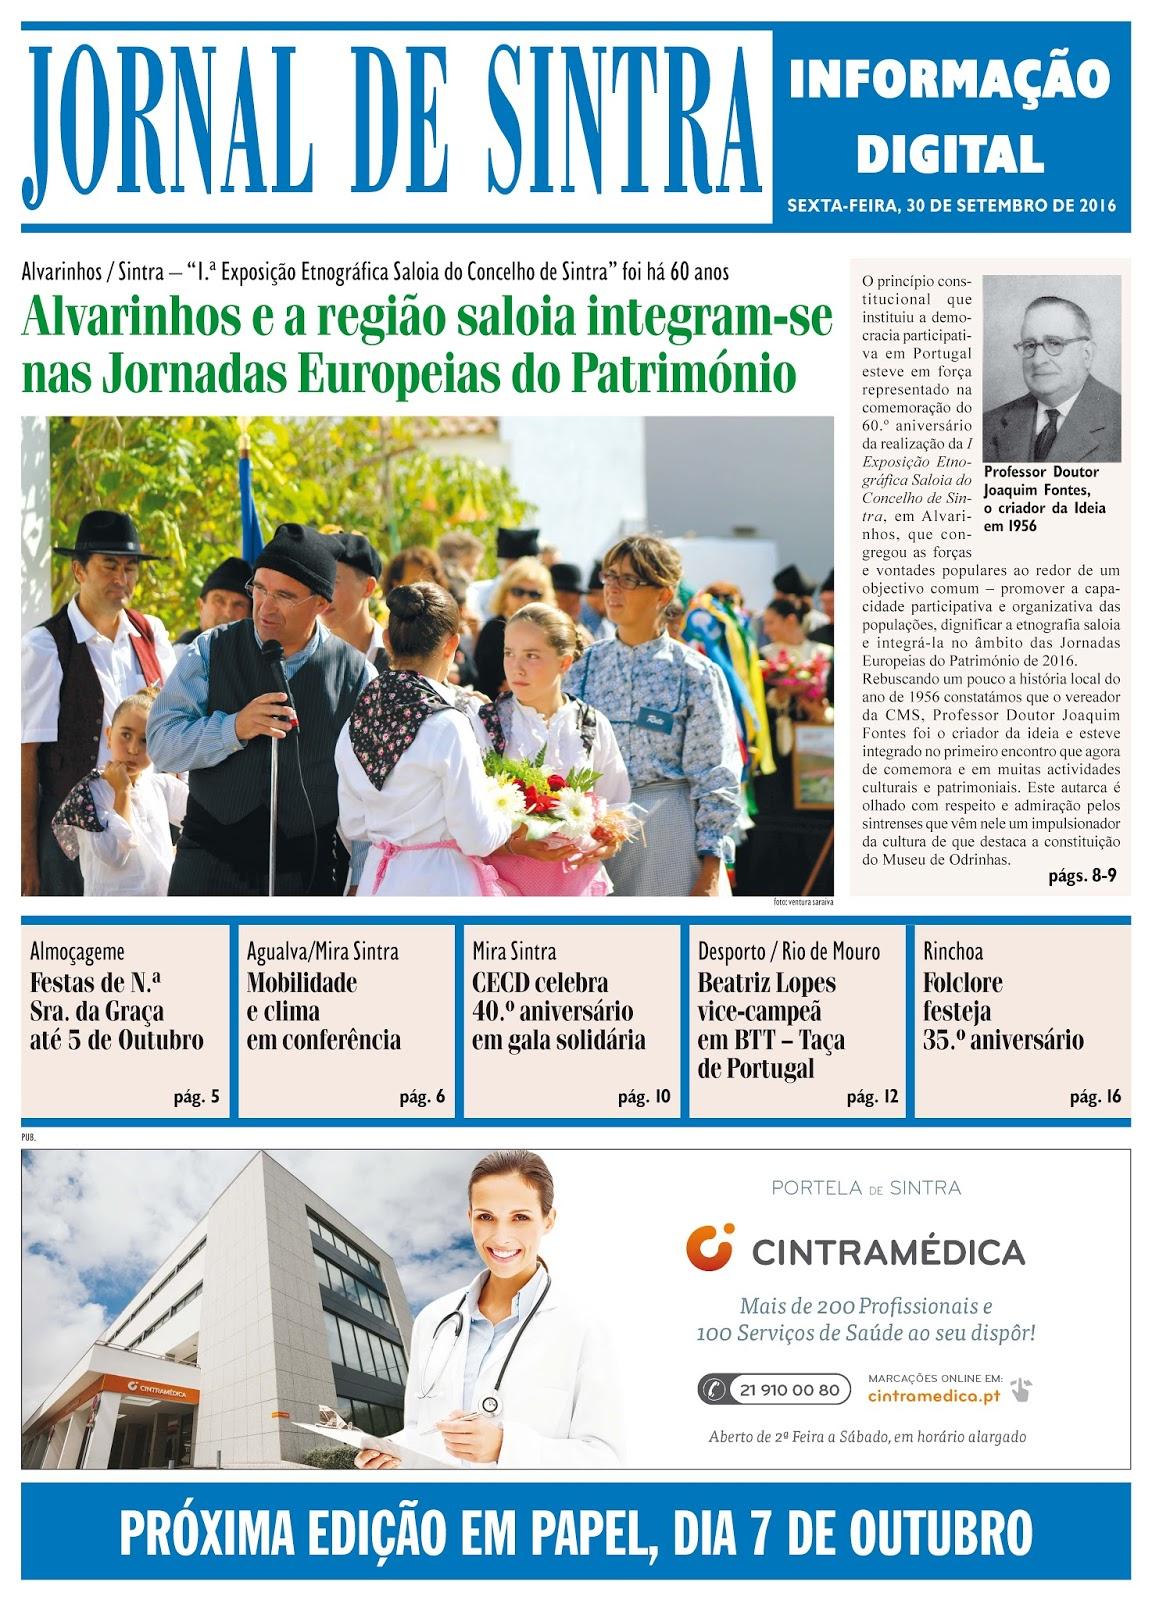 Capa da edição de 30-09-2016